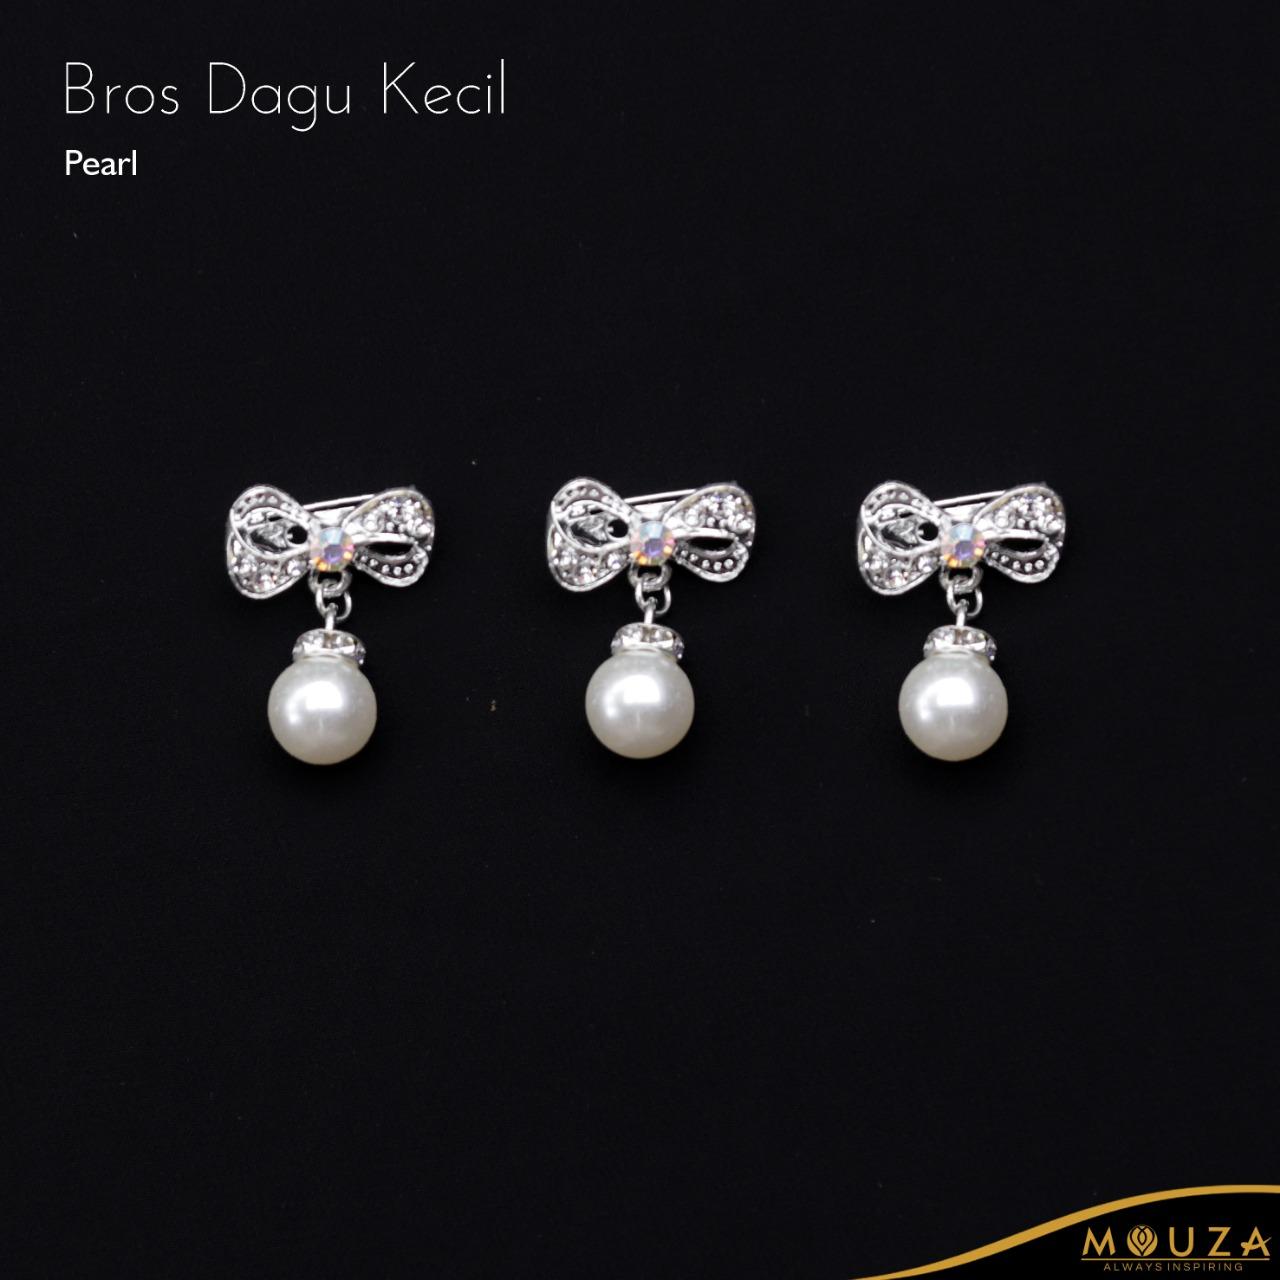 Bross Dagu Kecil Pearl